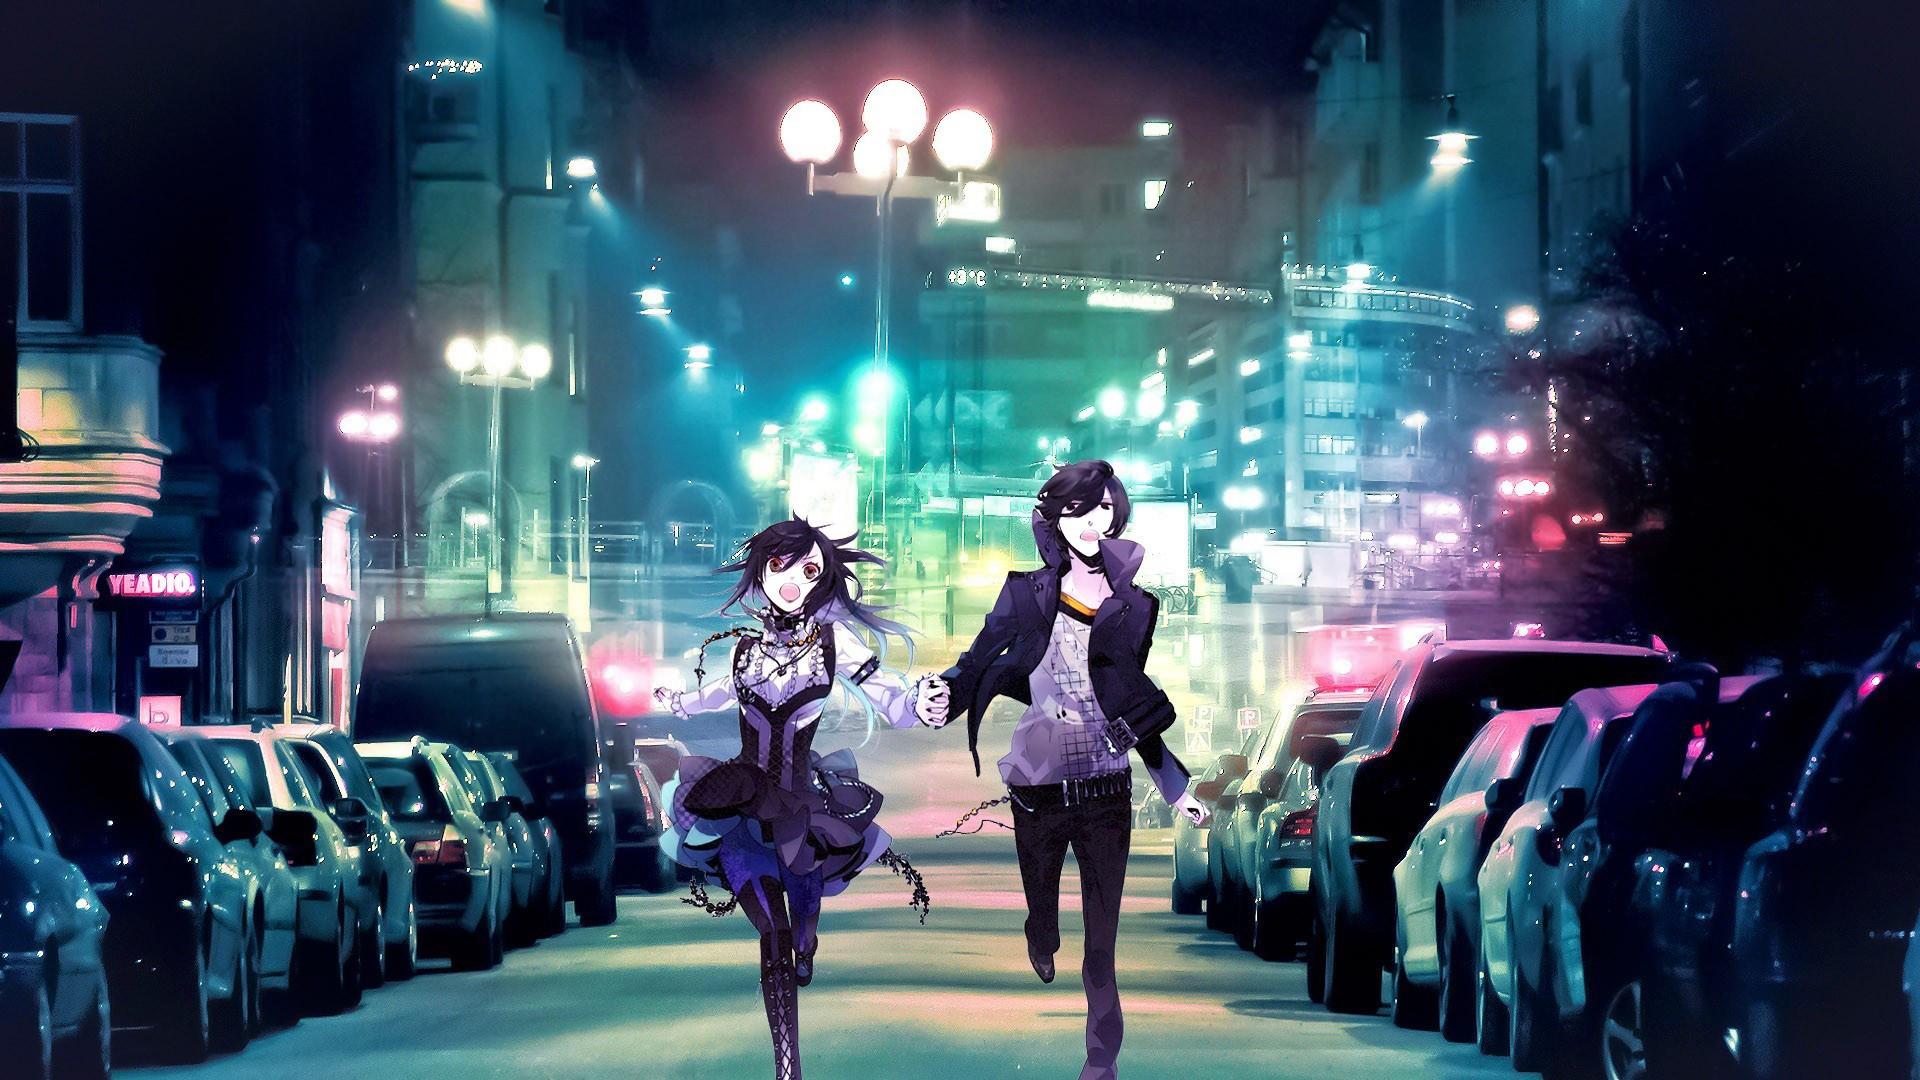 2885 Anime boy girl running city